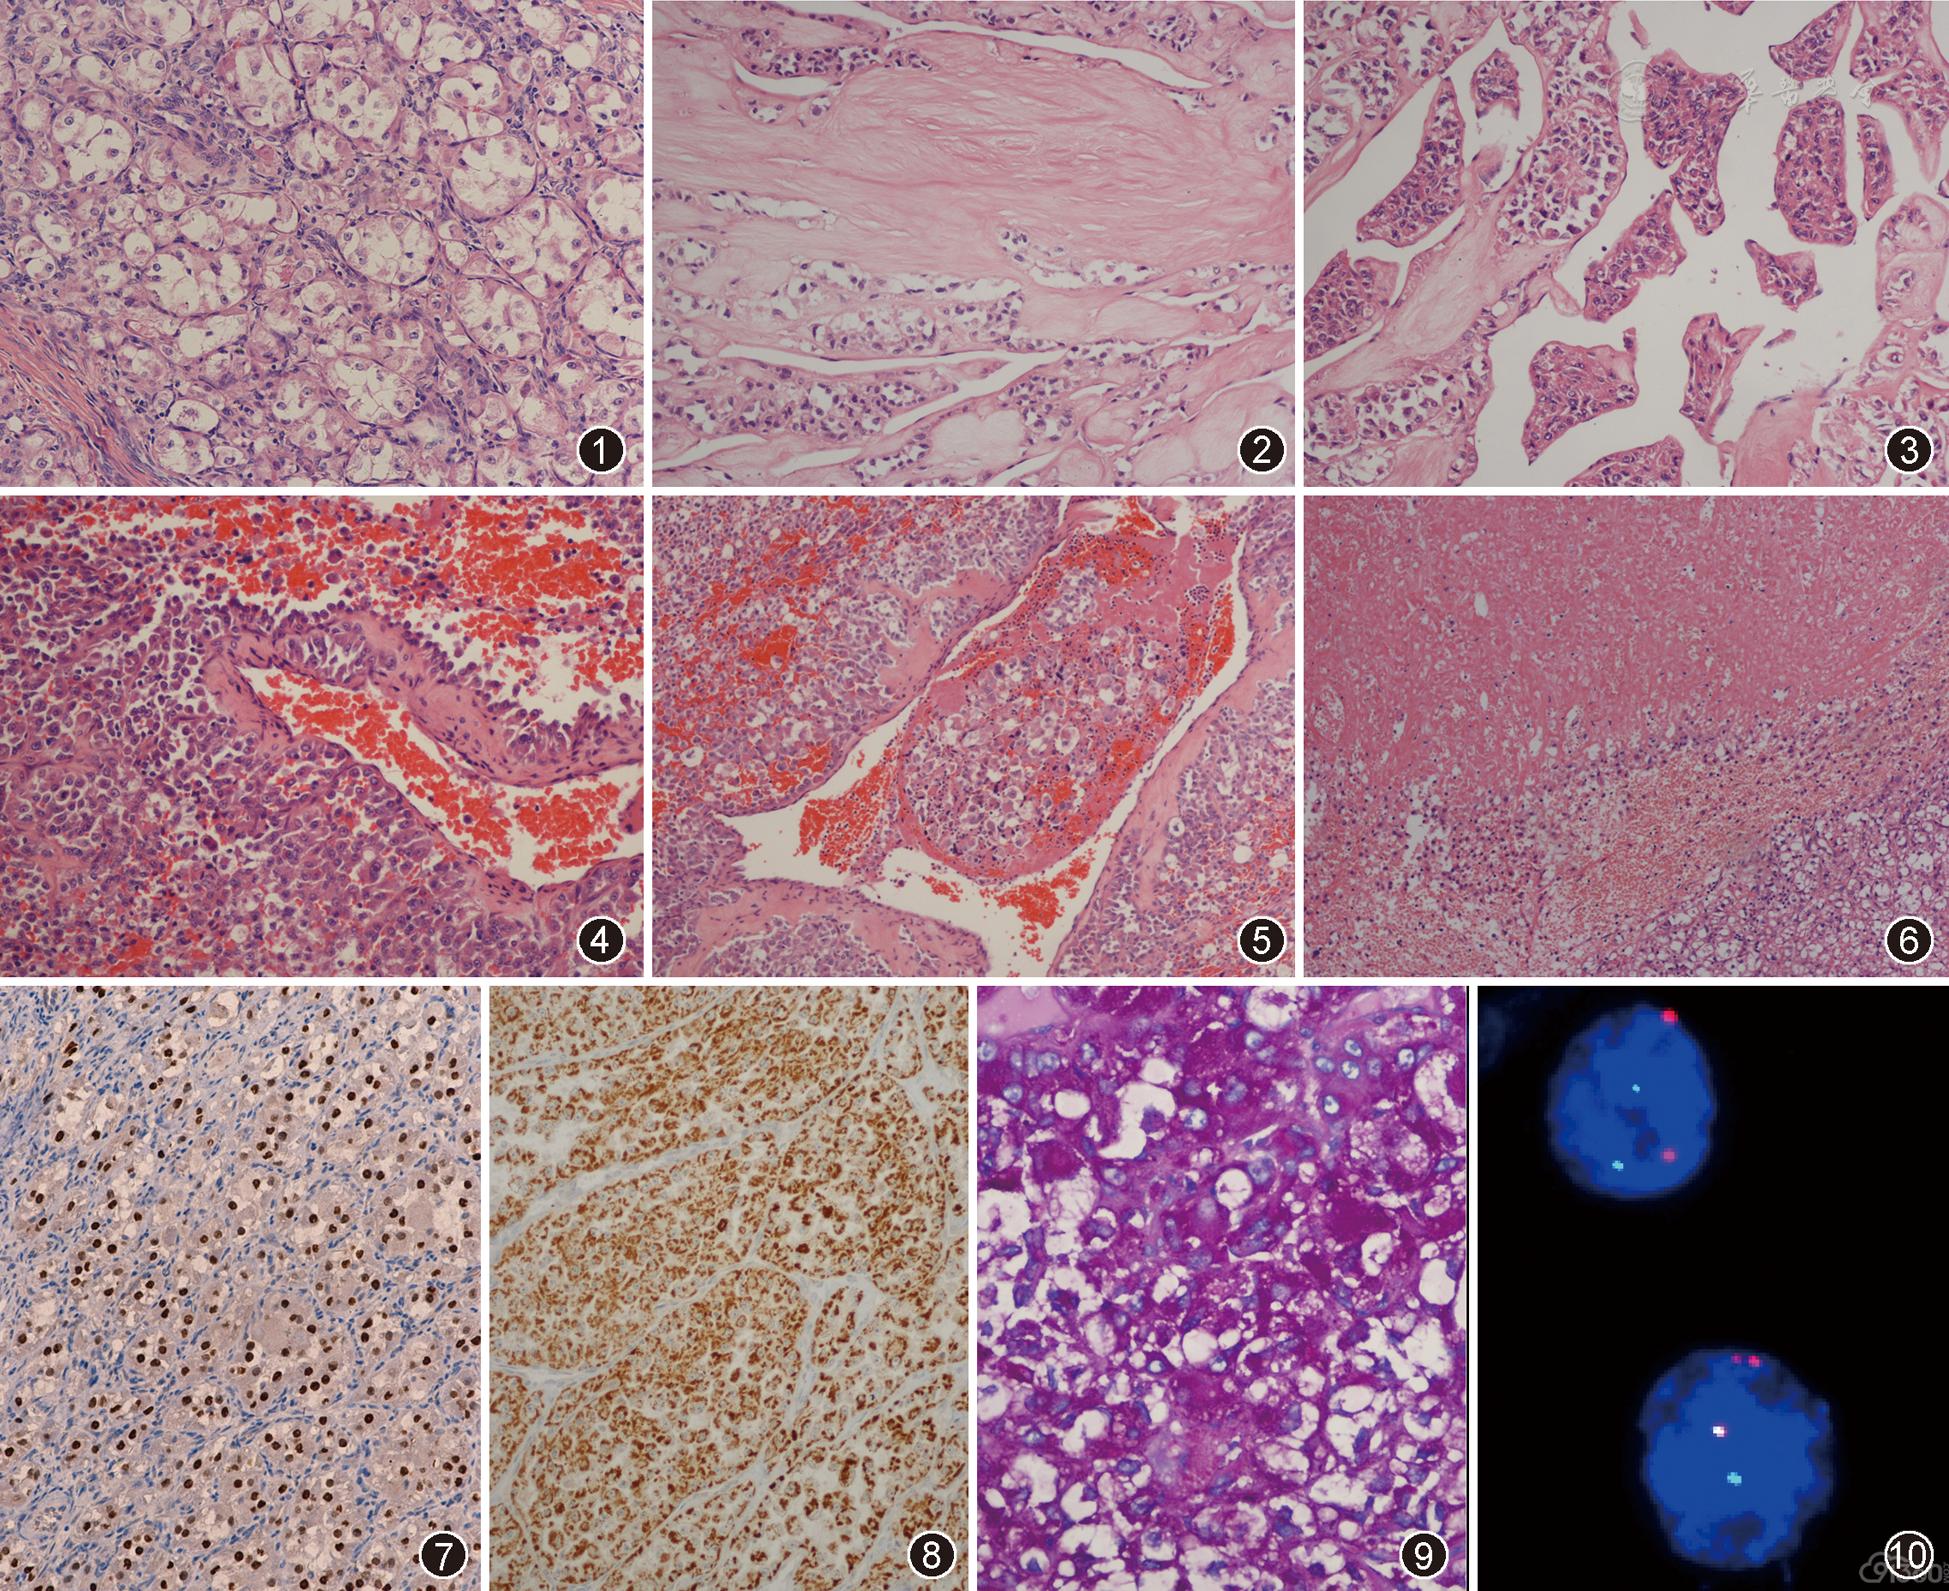 前列腺癌有哪些危害_泡状腺_泡状核细胞癌_带泡状湿疹_甲状腺腺泡_看猎奇